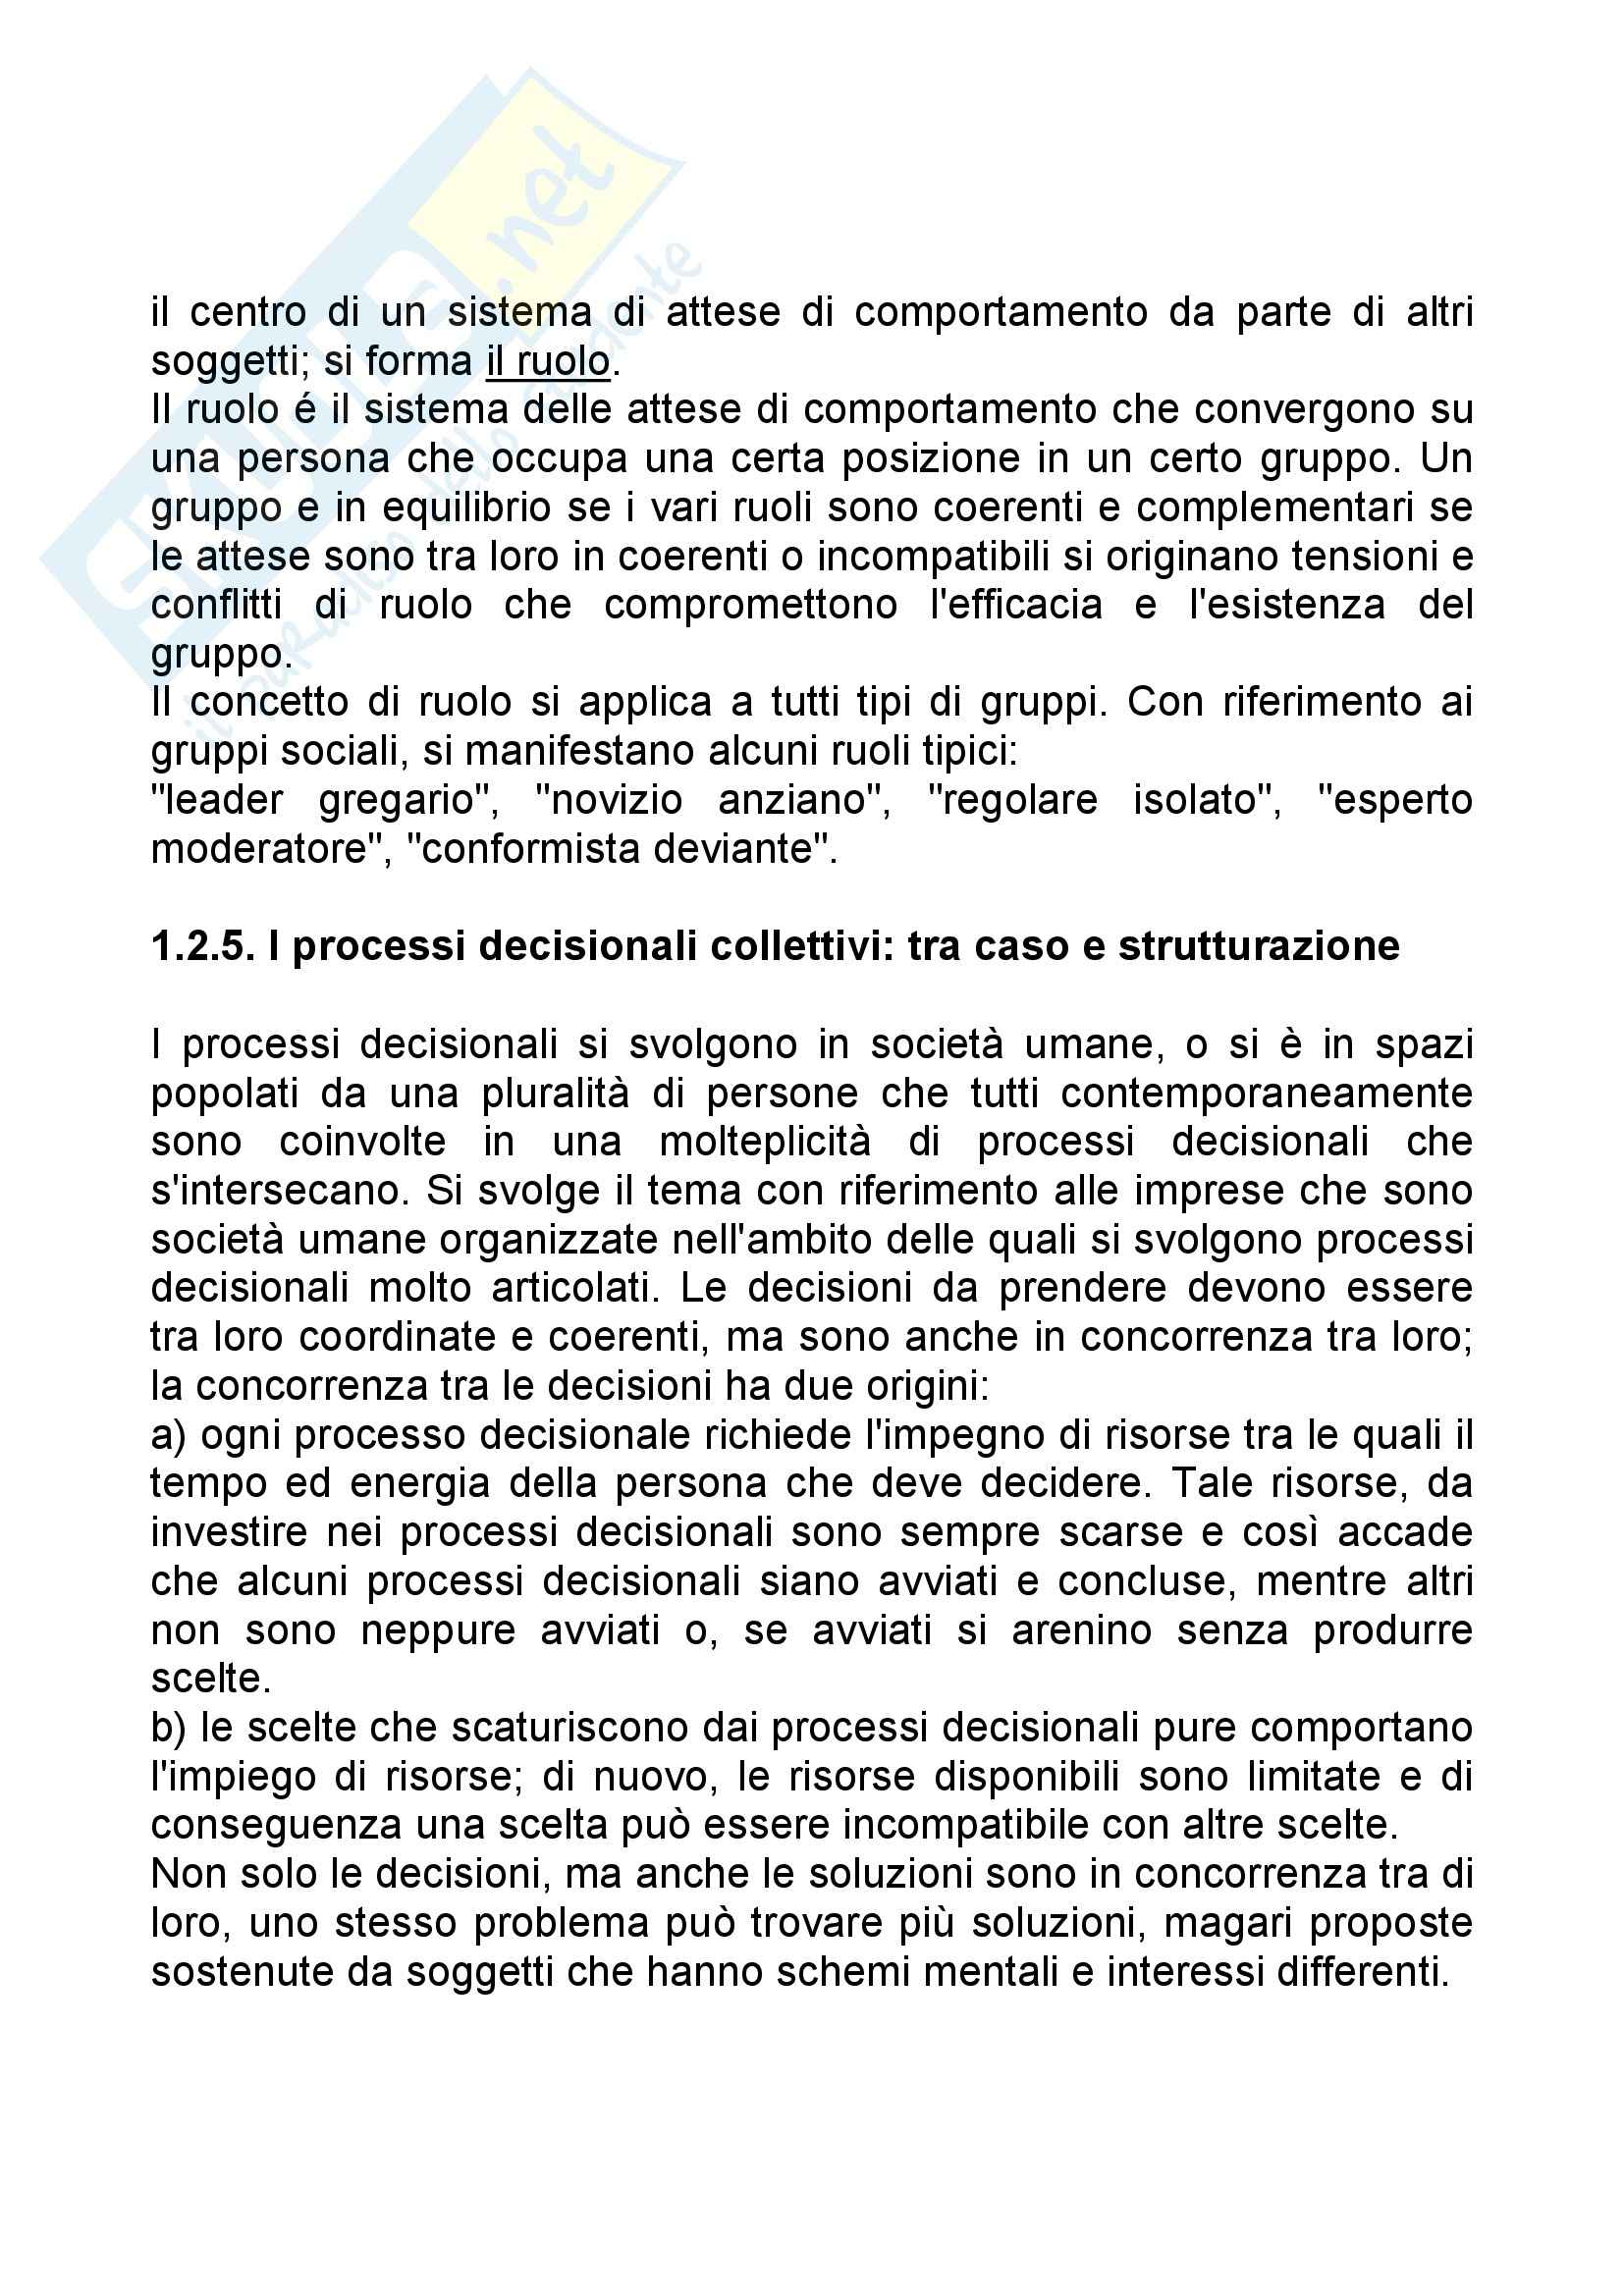 Riassunto esame Economia Aziendale, prof. Bagnoli, libro consigliato Corso di Economia Aziendale, Airoldi Pag. 11